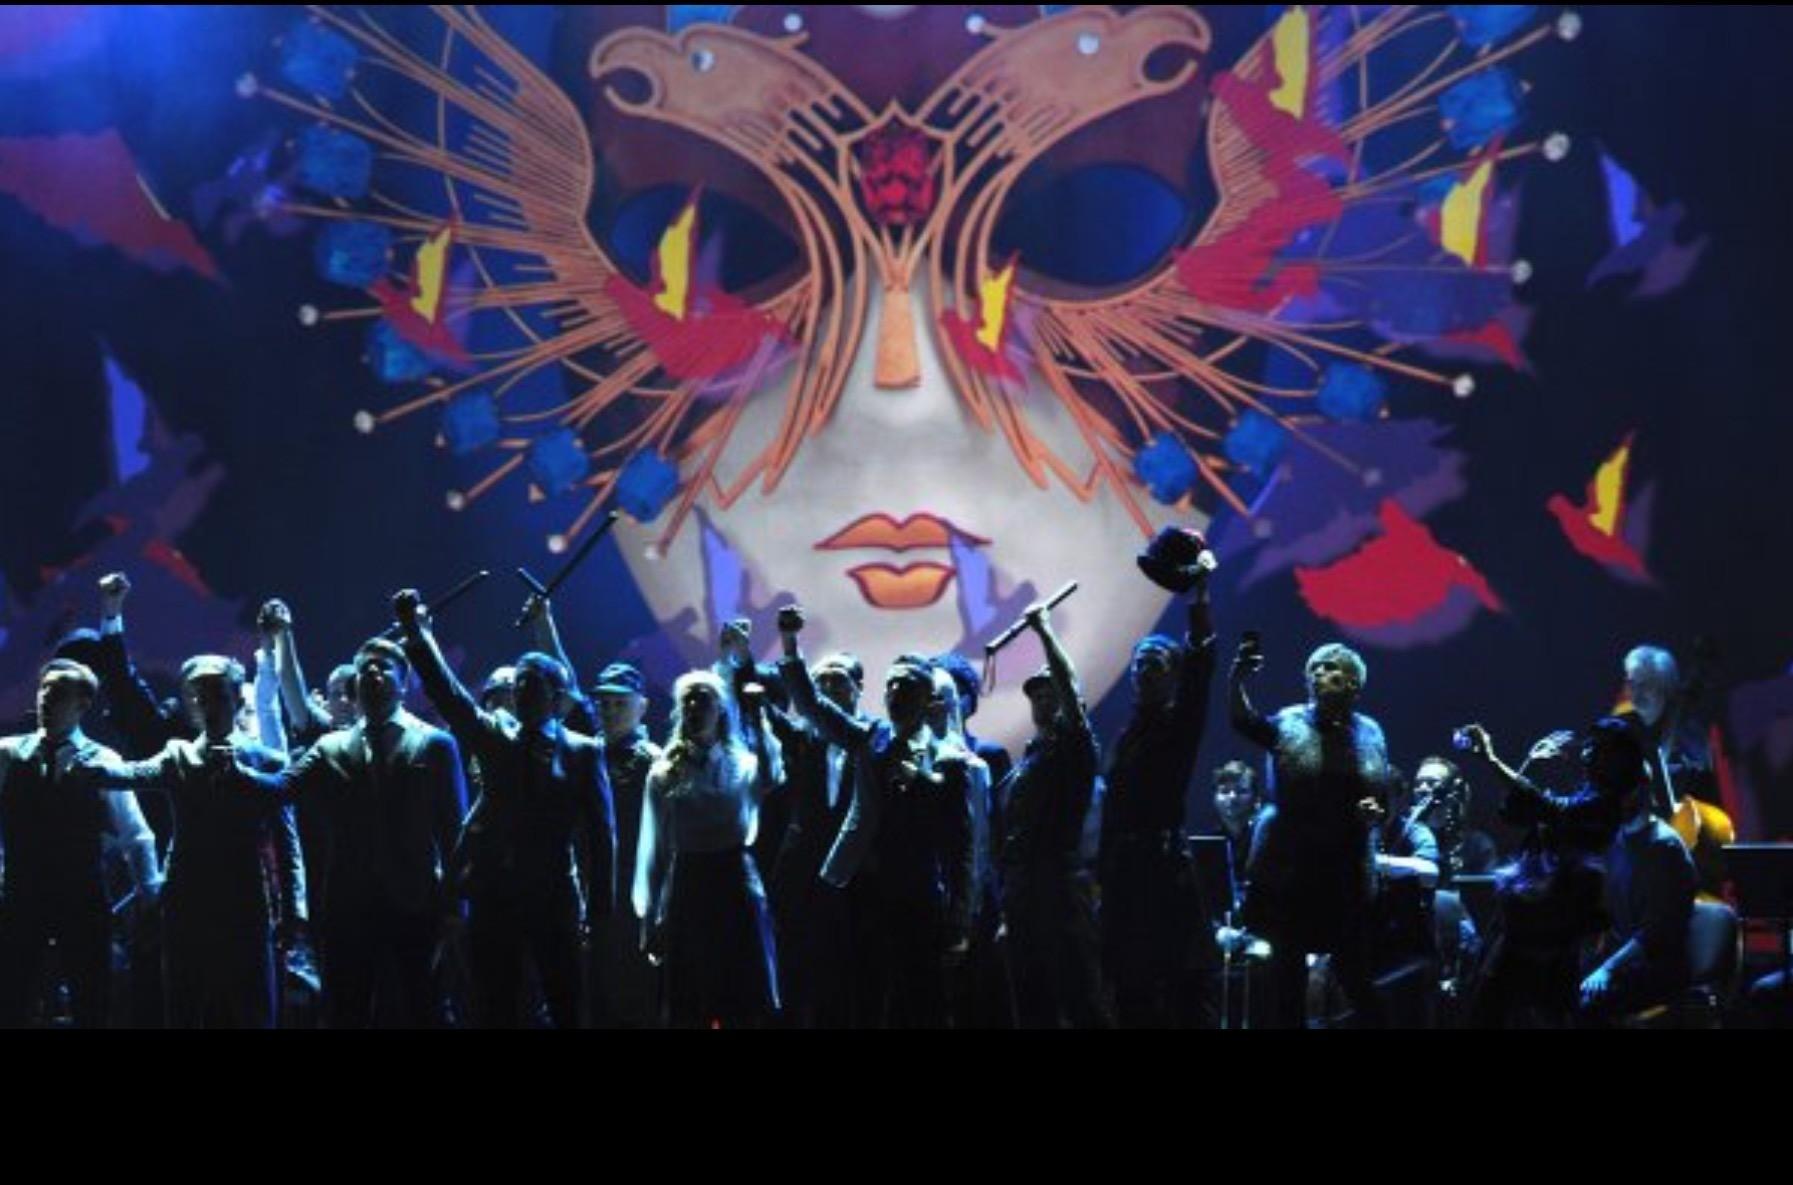 Театральный фестиваль «Золотая маска» впервый раз откроется не в столицеРФ